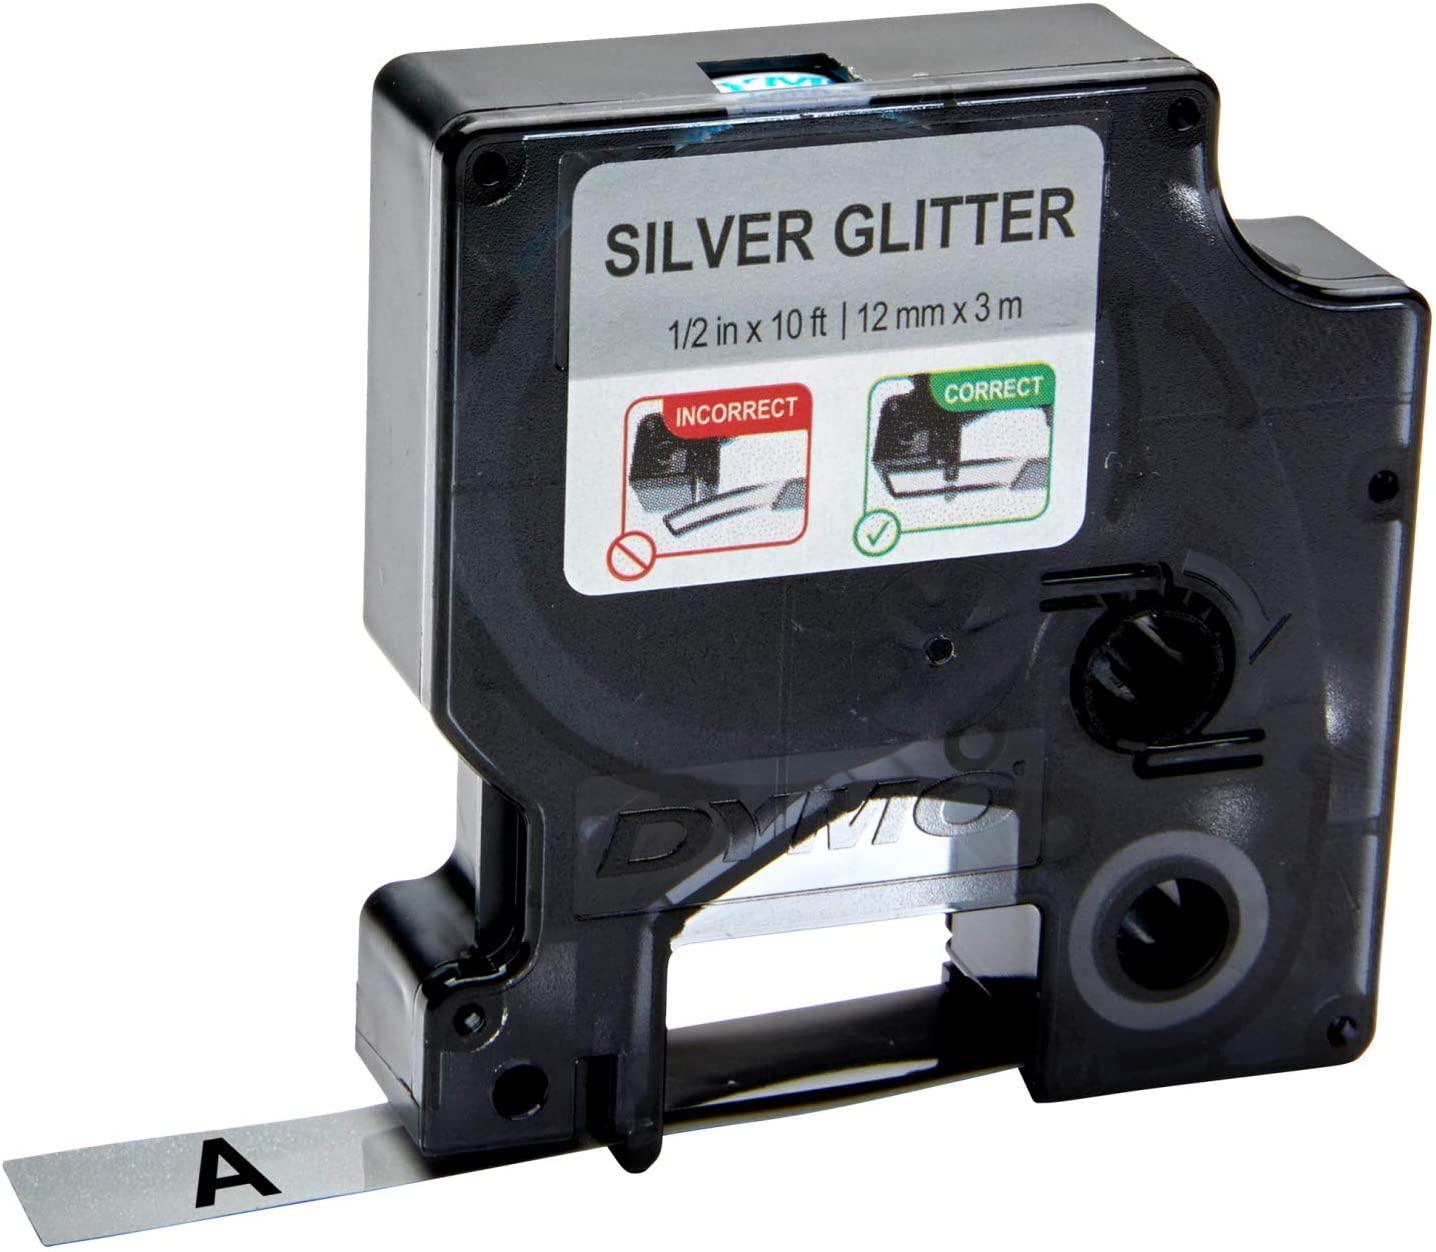 Fita Gliterizada para Rotulador LM/Color Pop - DYMO - 12mm x 3m Preto e Prata